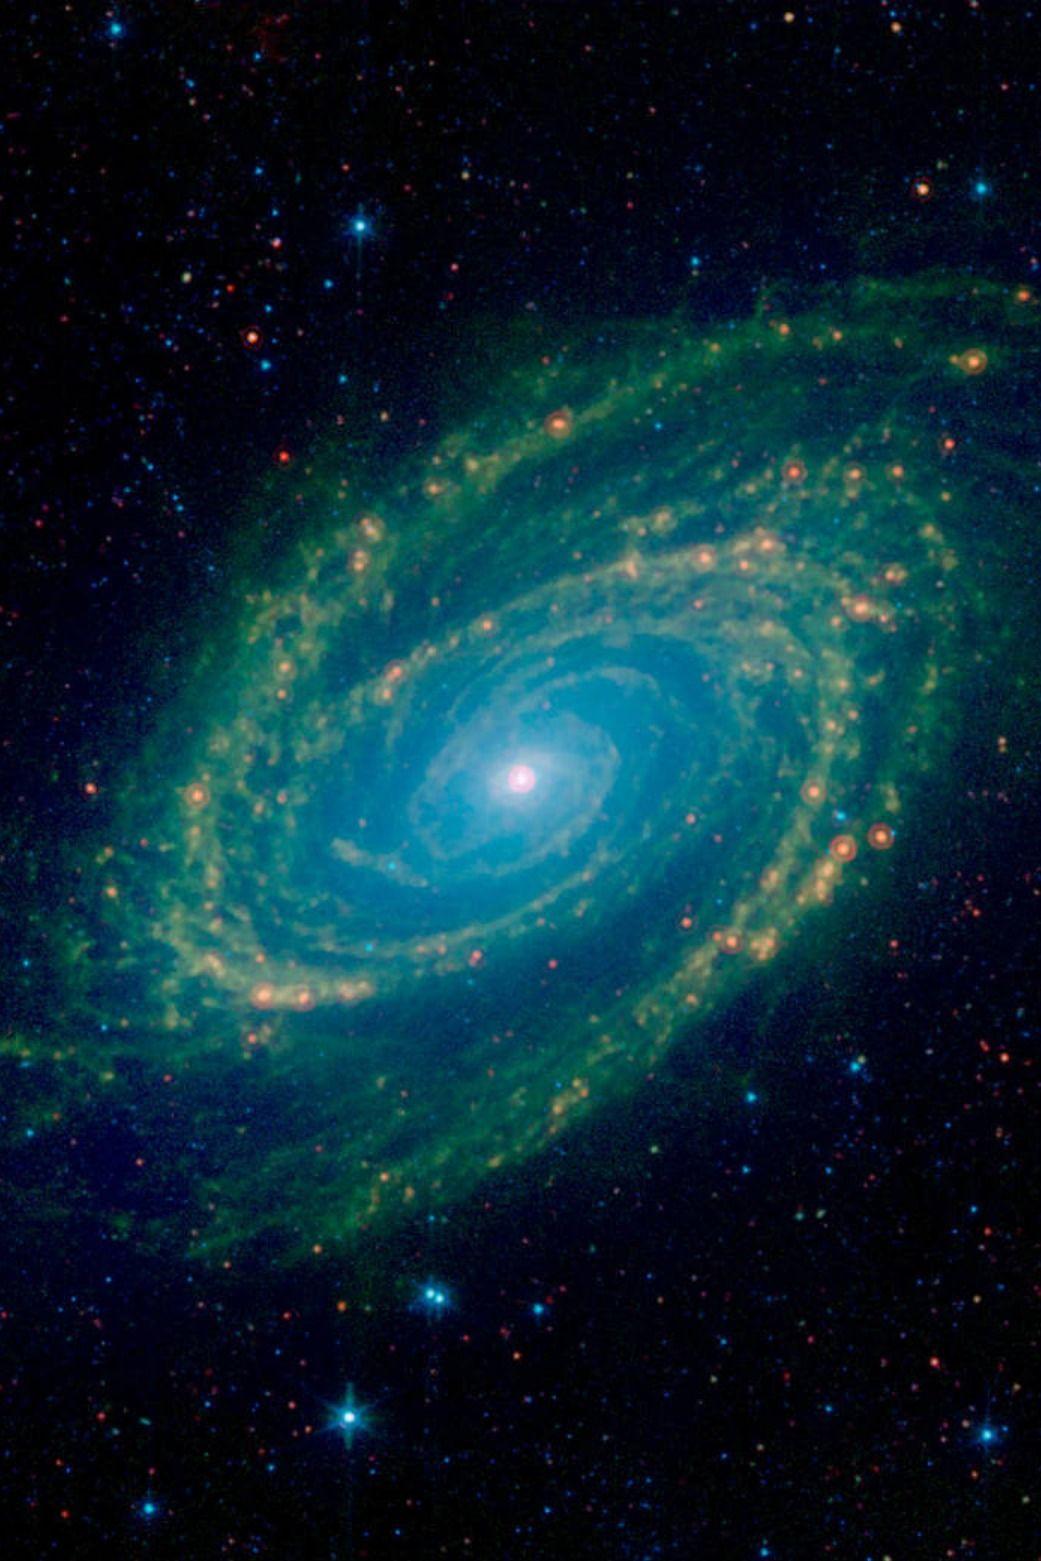 Une Vue Infrarouge De La Galaxie M81 Situee Dans La Constellation Nord De La Grande Ourse Qui Comprend Egalement La Grande Our Constellations Galaxy Galaxies